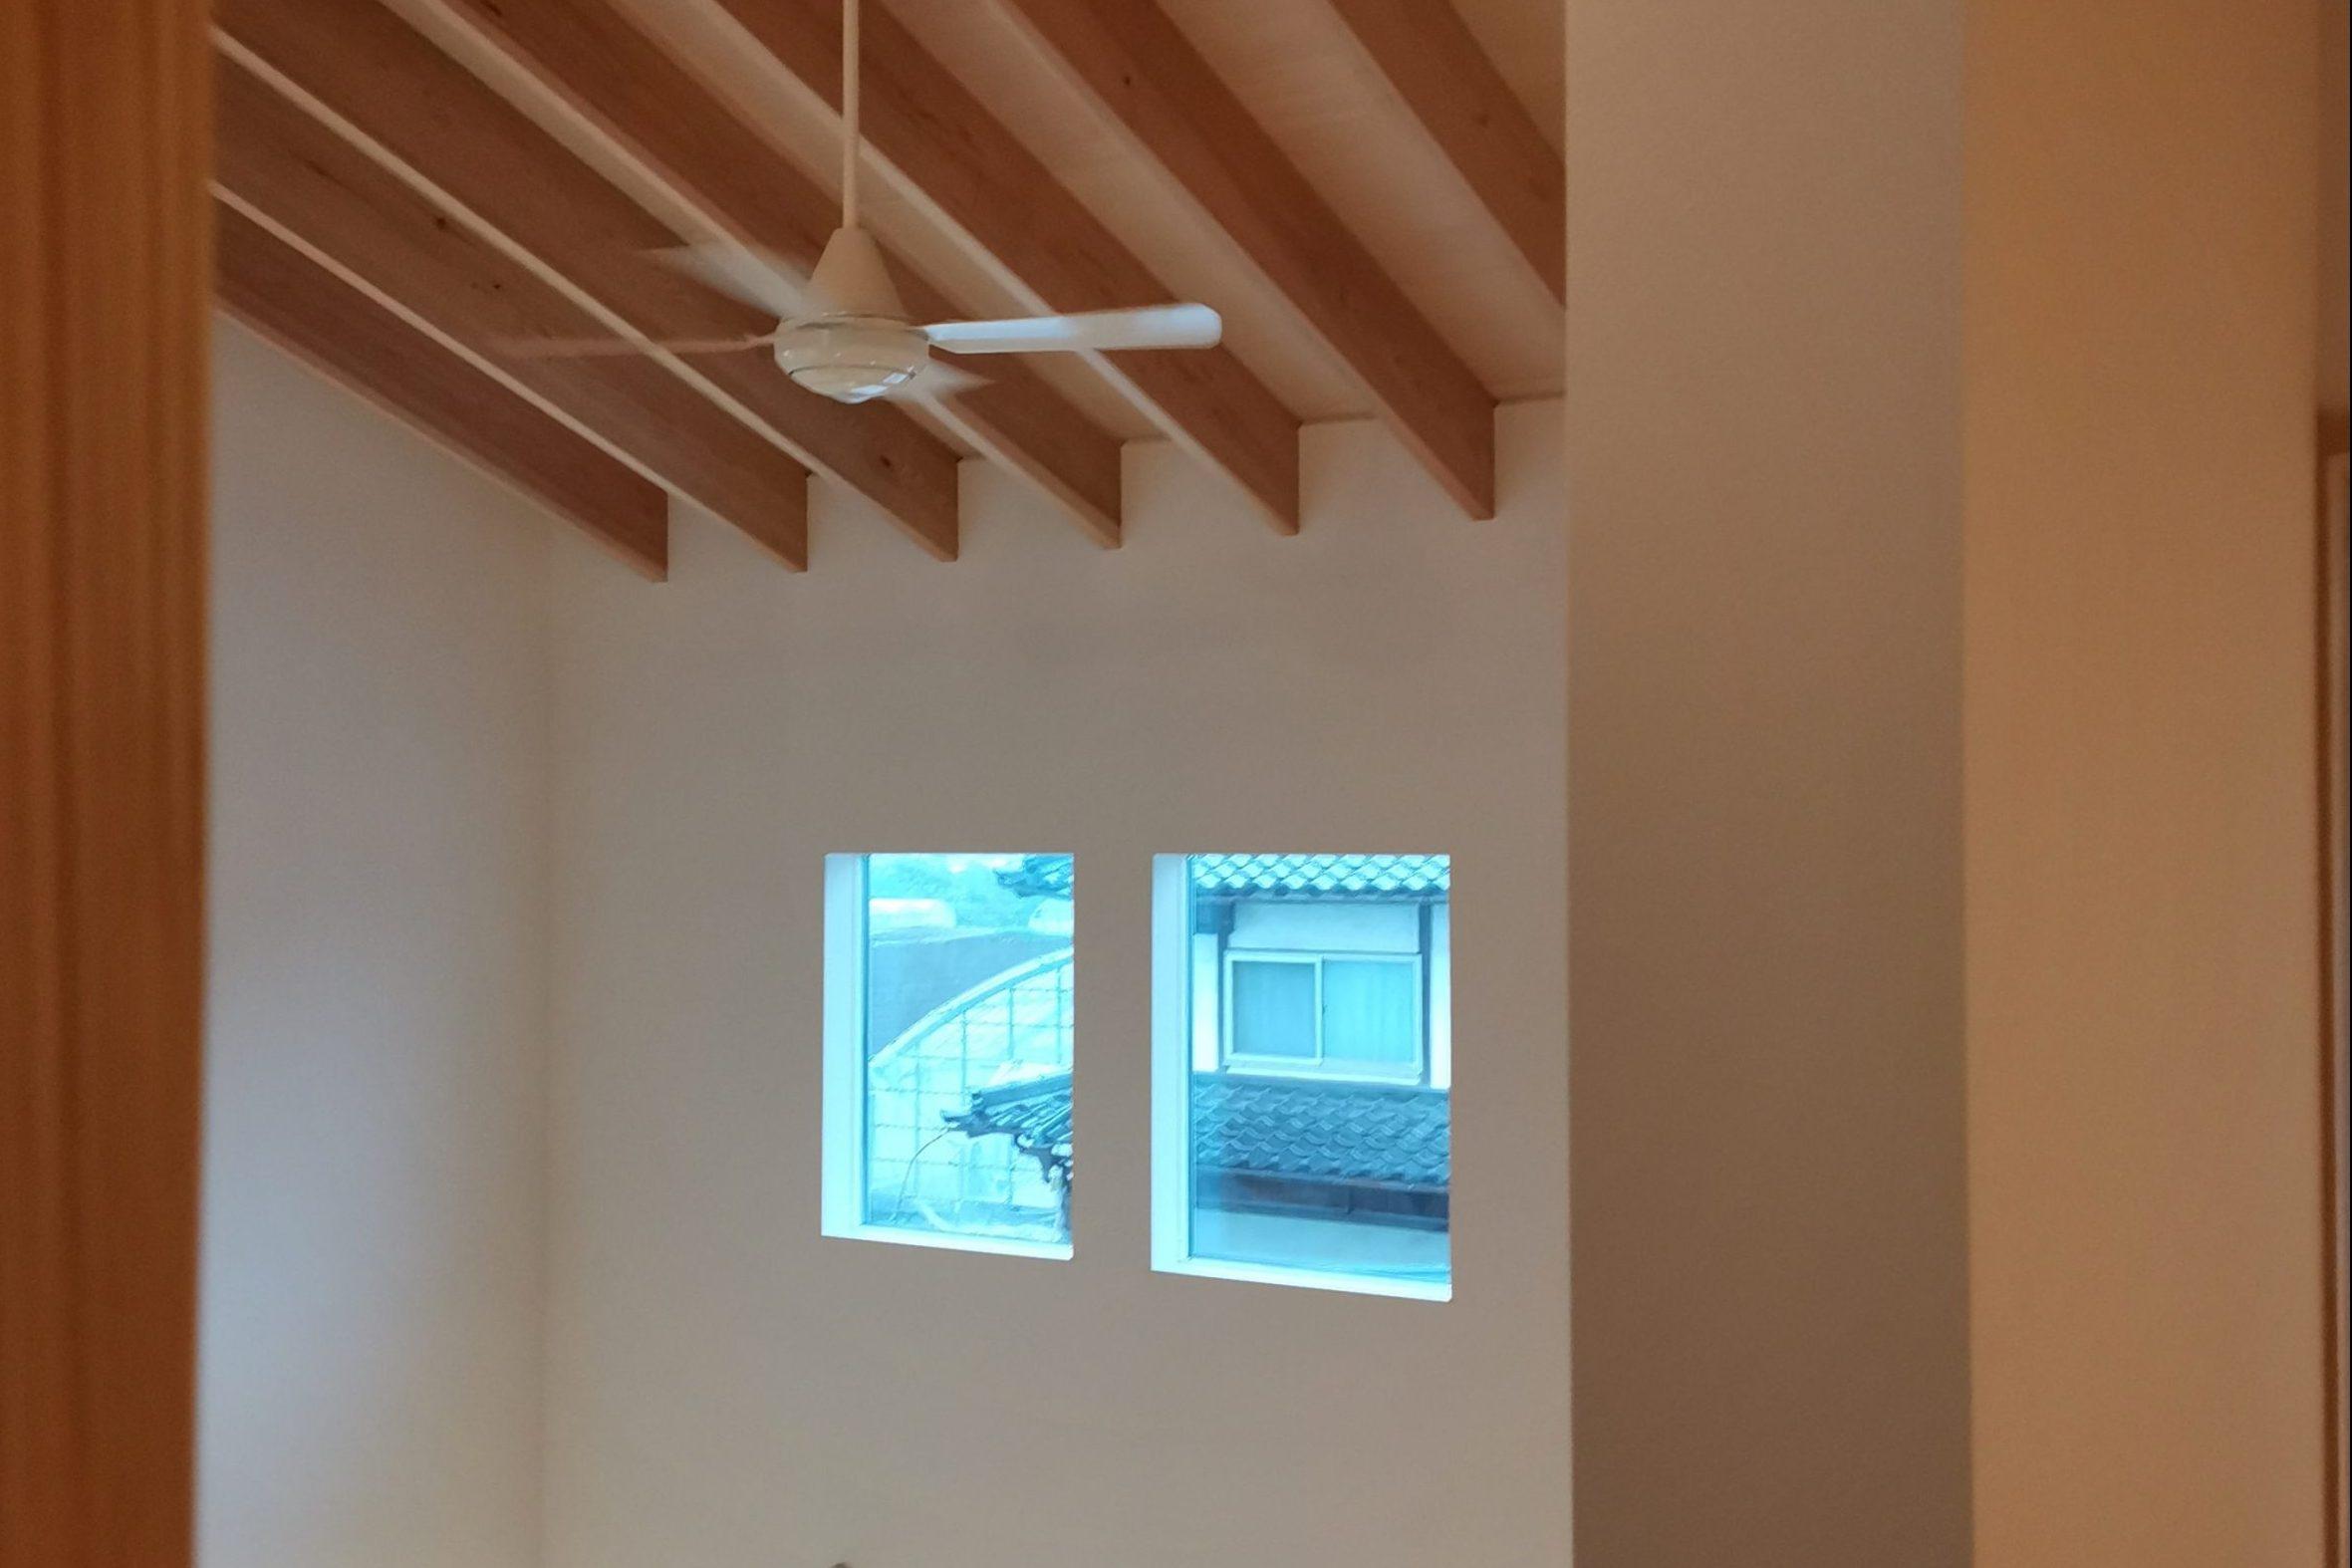 滴水(たるみず)の住宅:二階の廊下から吹抜けを見ると、美しい化粧タルキの登梁。家の中とは思えないような空間です。